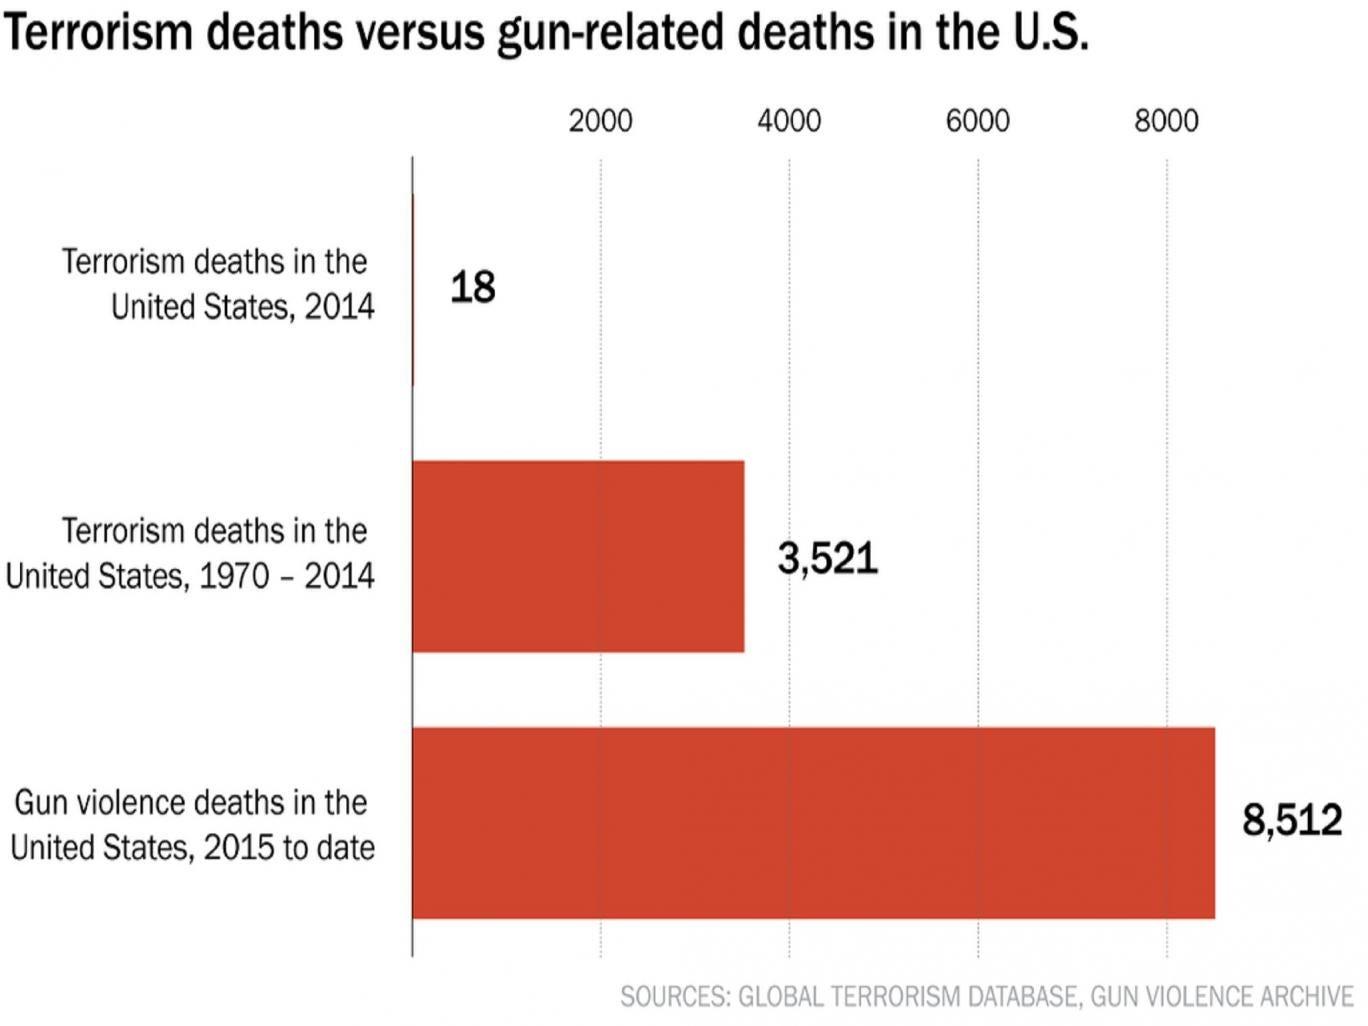 Terrorism deaths versus gun-related deaths in the US